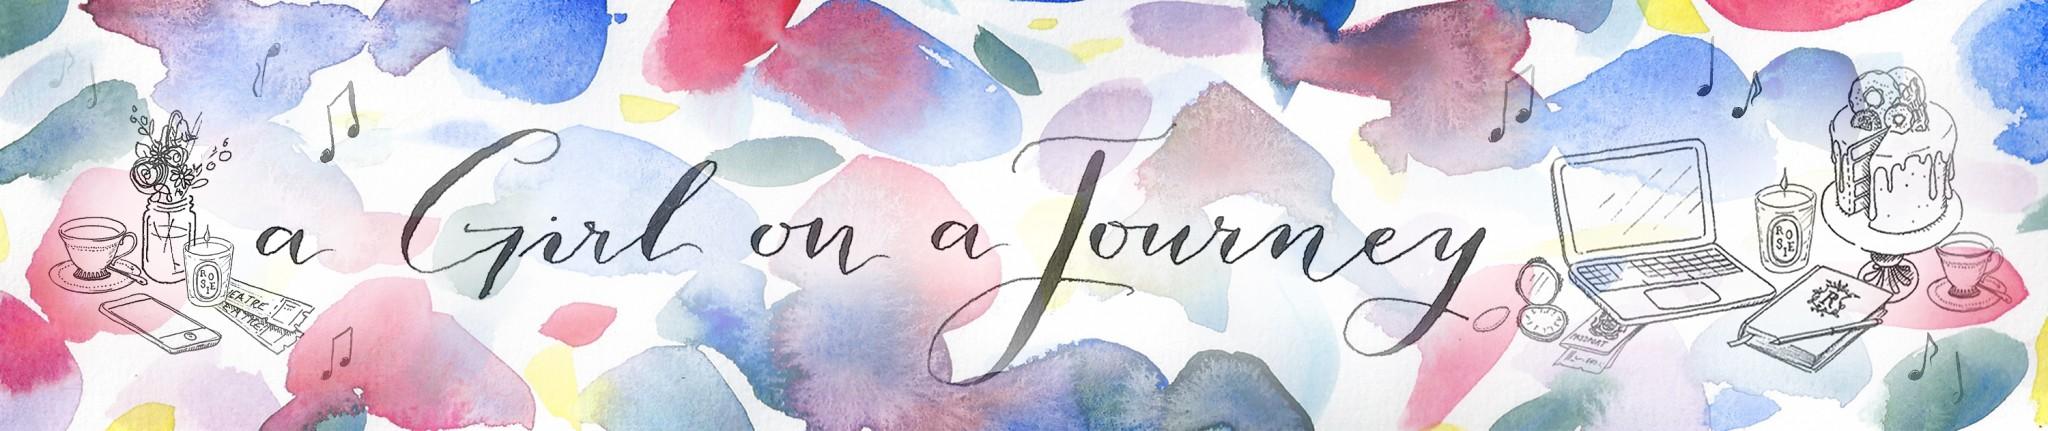 rosie ladkin blog logo